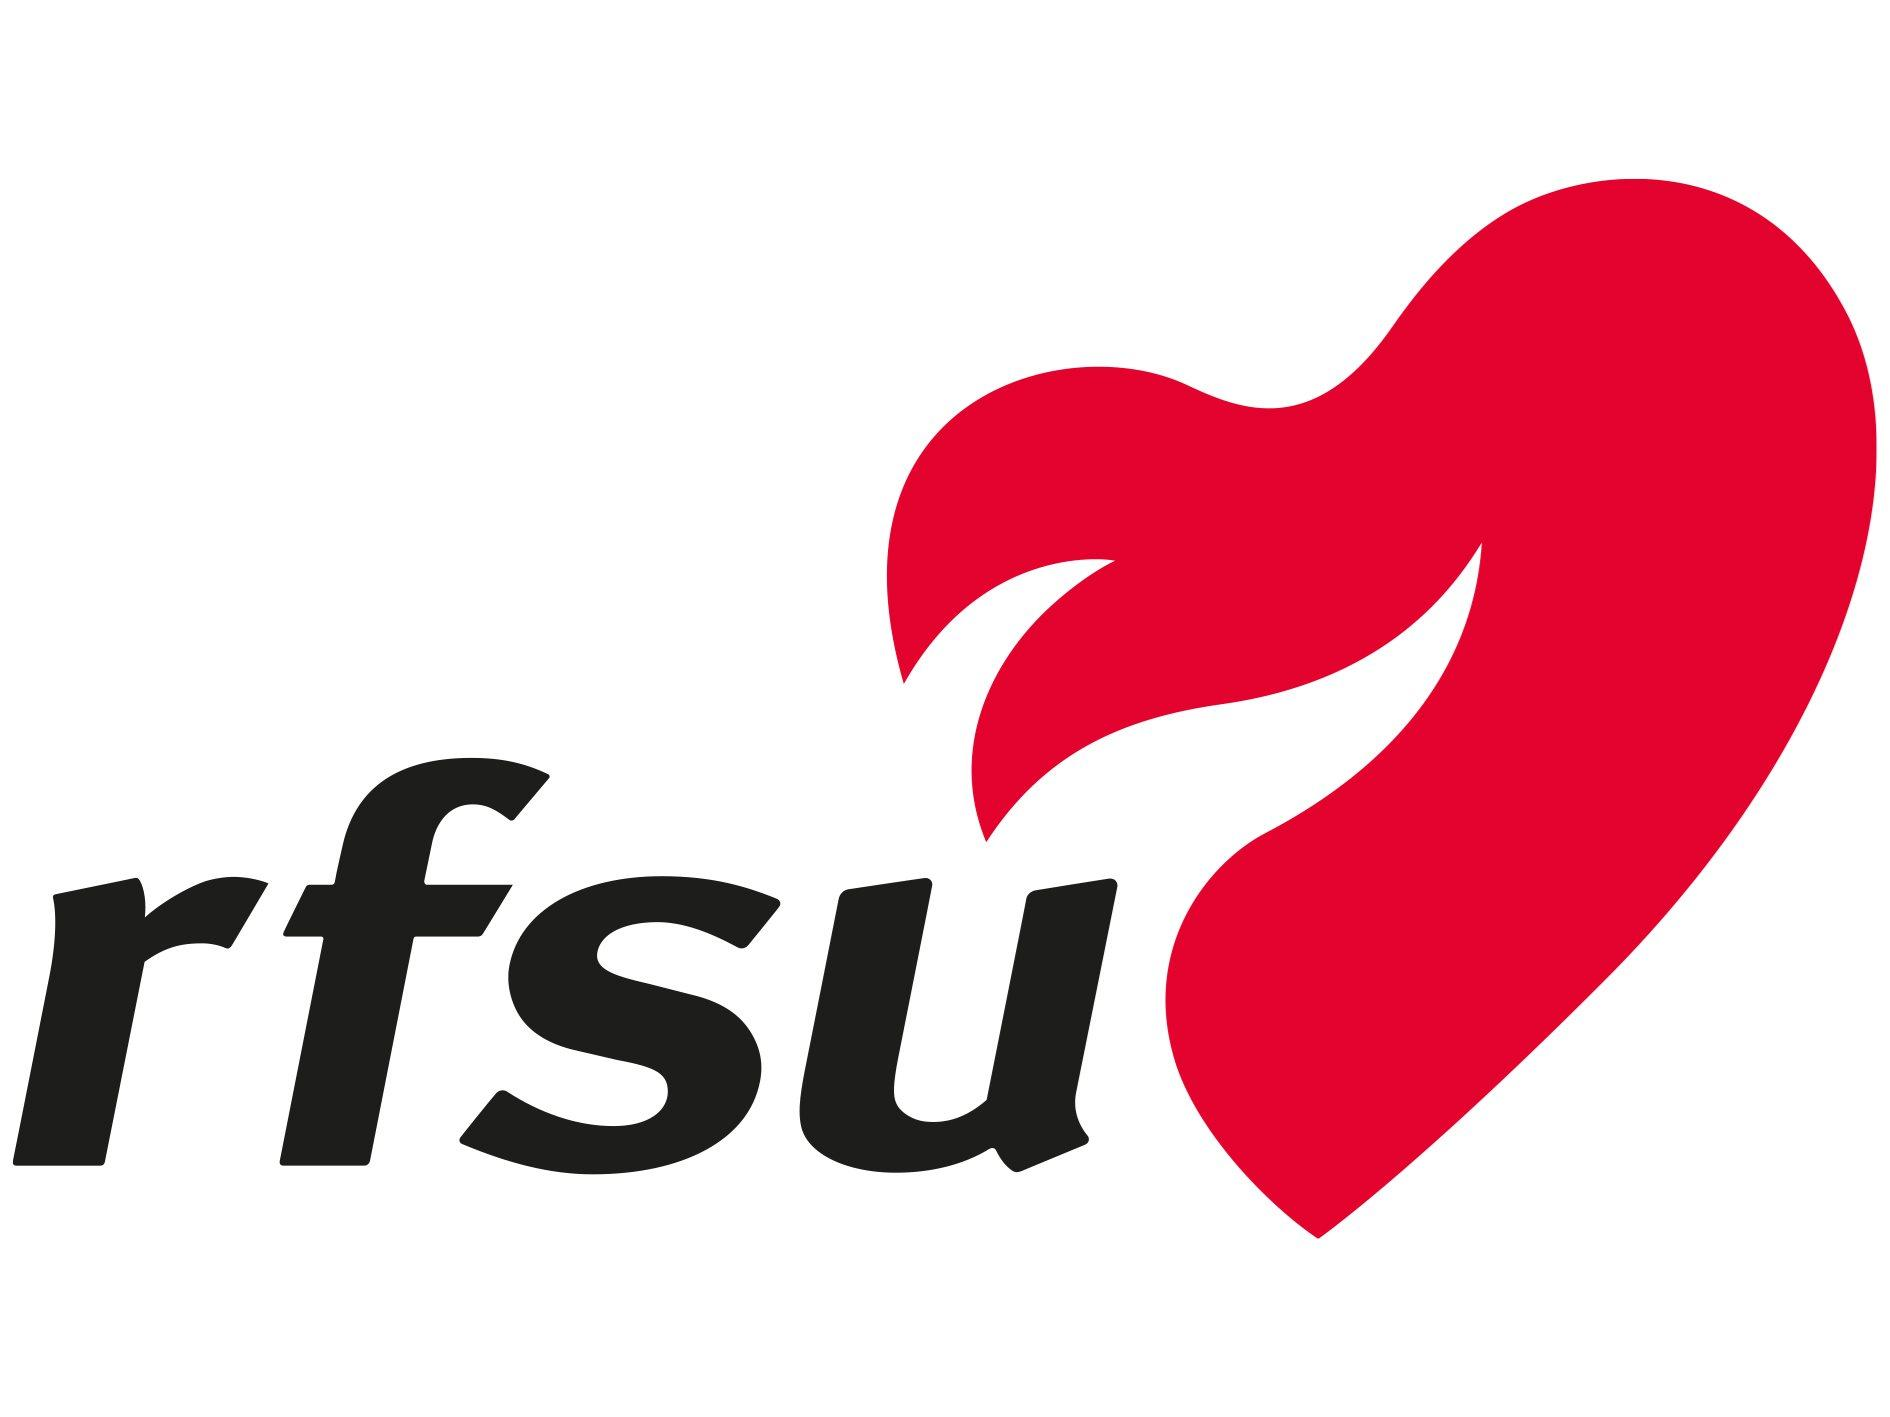 rfsu.com